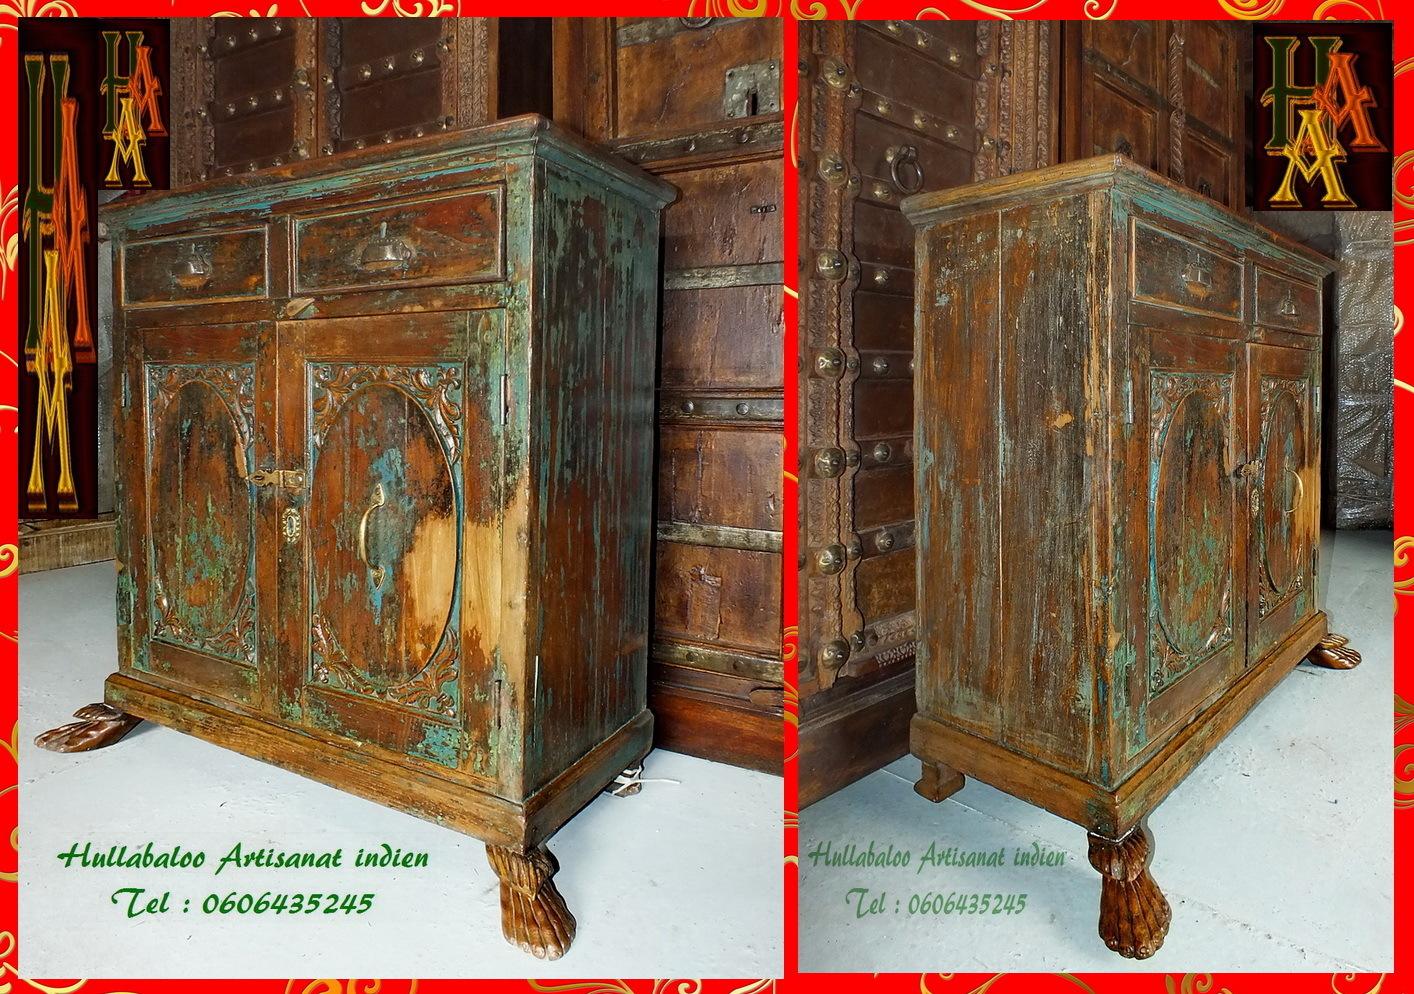 Meuble ancien teck jn7 la696 meubles indiens artisanat for Meubles indiens anciens